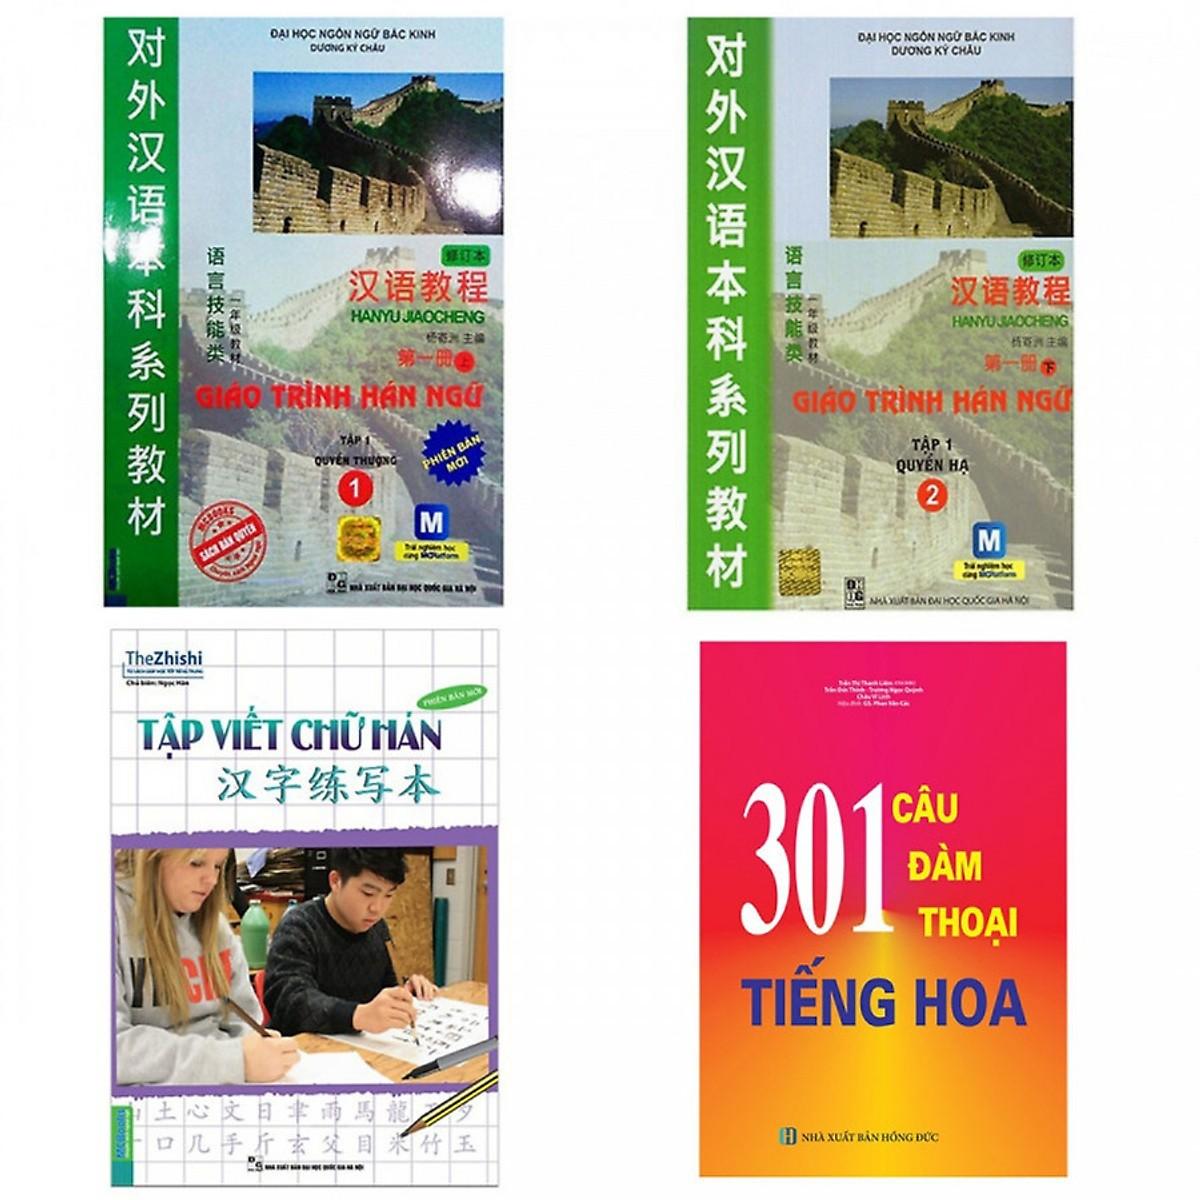 Combo Sách Học Tiếng Trung: Giáo Trình Hán Ngữ 1, 2 + Tập Viết Chữ Hán + 301 Câu Đàm Thoại Tiếng Hoa (Bộ 4 cuốn/... - 18615630 , 4261505715981 , 62_22148166 , 334000 , Combo-Sach-Hoc-Tieng-Trung-Giao-Trinh-Han-Ngu-1-2-Tap-Viet-Chu-Han-301-Cau-Dam-Thoai-Tieng-Hoa-Bo-4-cuon-...-62_22148166 , tiki.vn , Combo Sách Học Tiếng Trung: Giáo Trình Hán Ngữ 1, 2 + Tập Viết Chữ